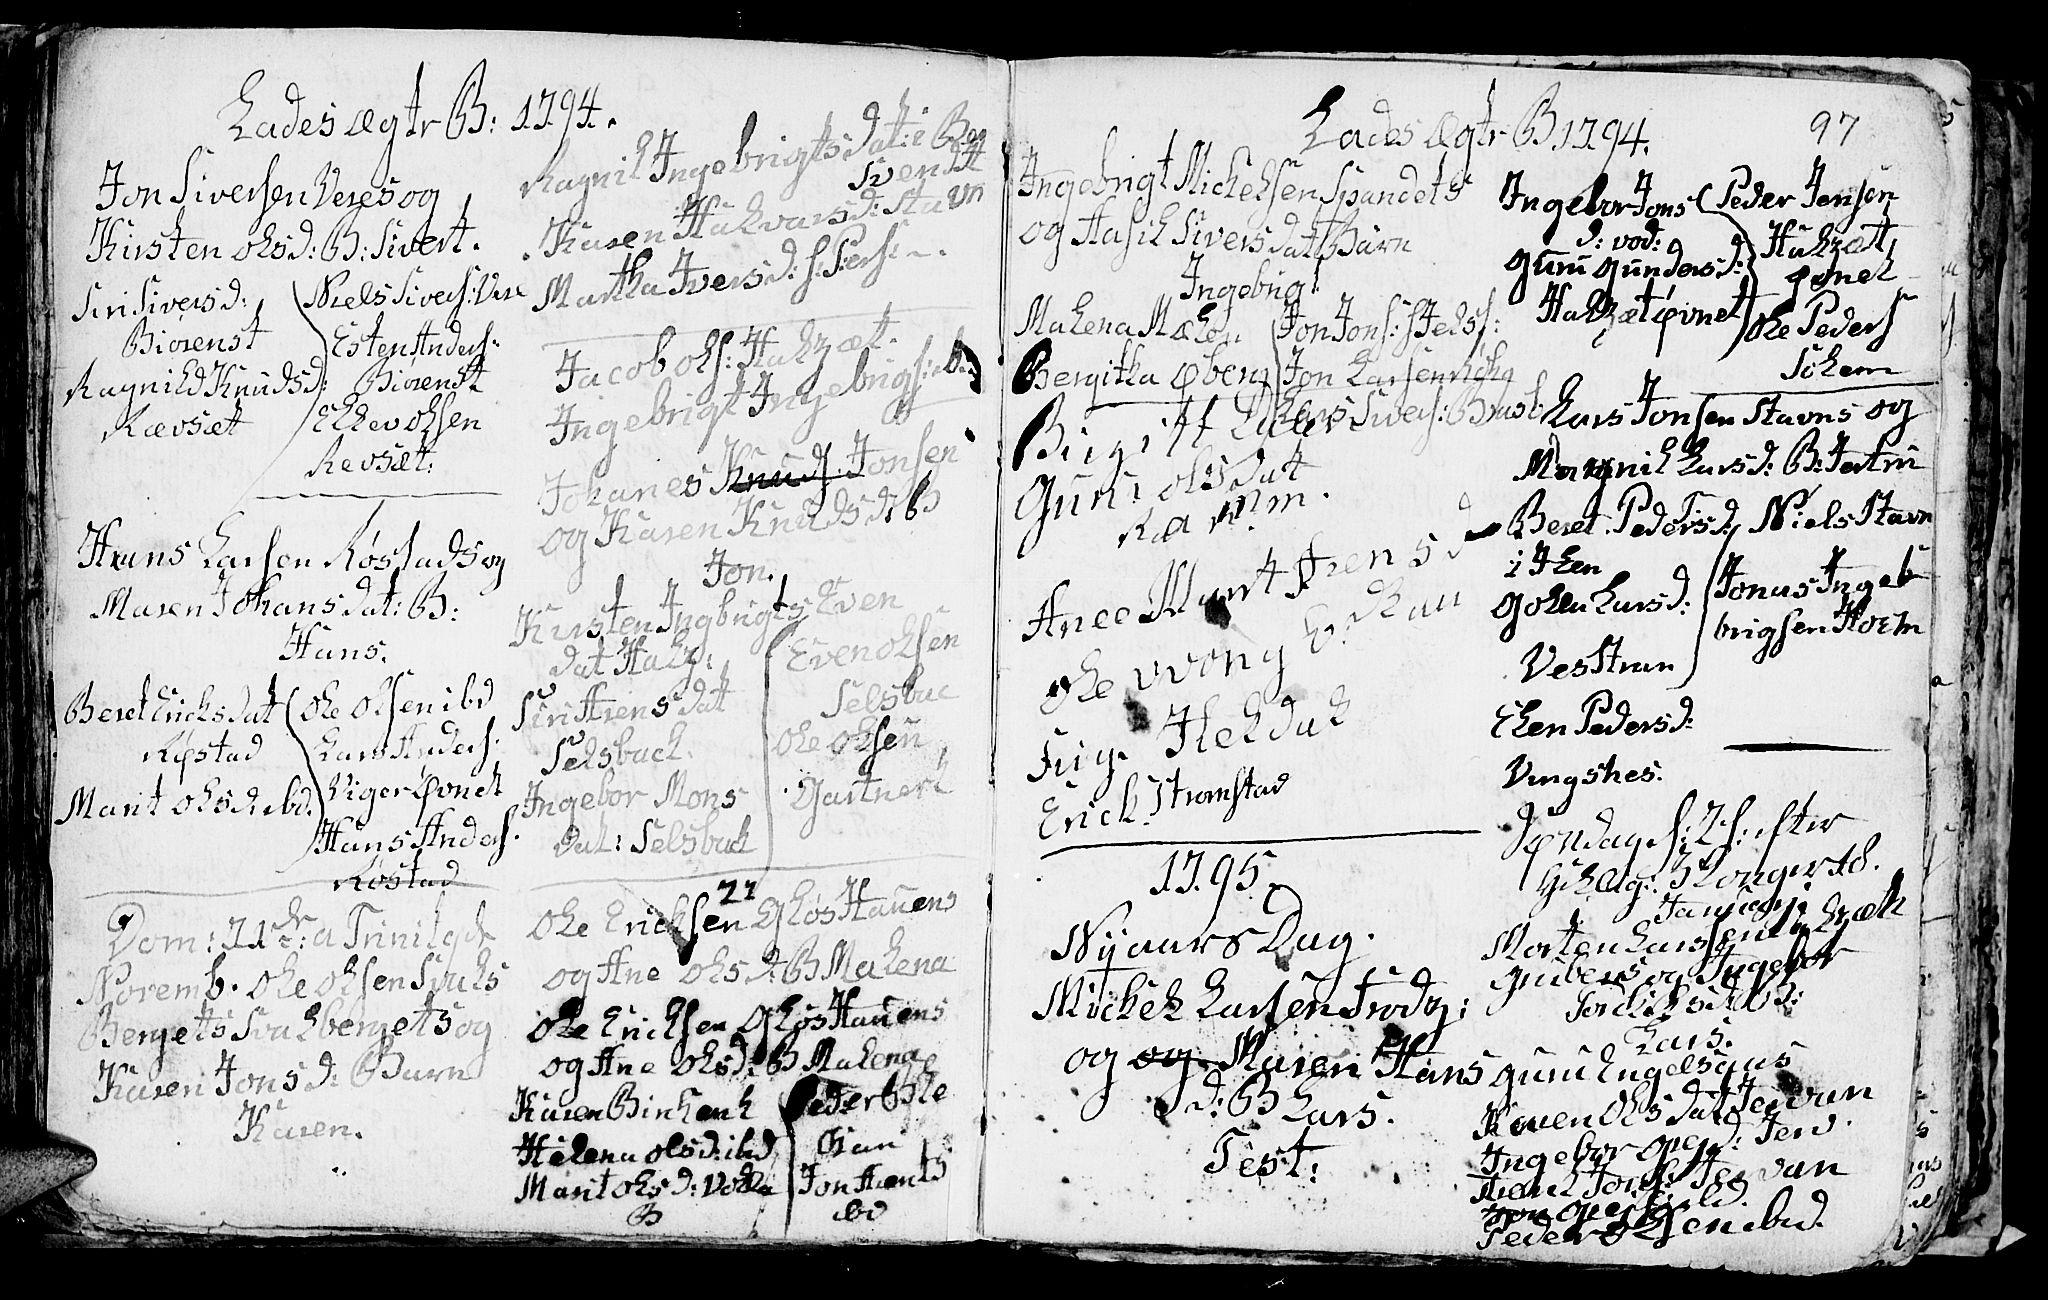 SAT, Ministerialprotokoller, klokkerbøker og fødselsregistre - Sør-Trøndelag, 606/L0305: Klokkerbok nr. 606C01, 1757-1819, s. 97